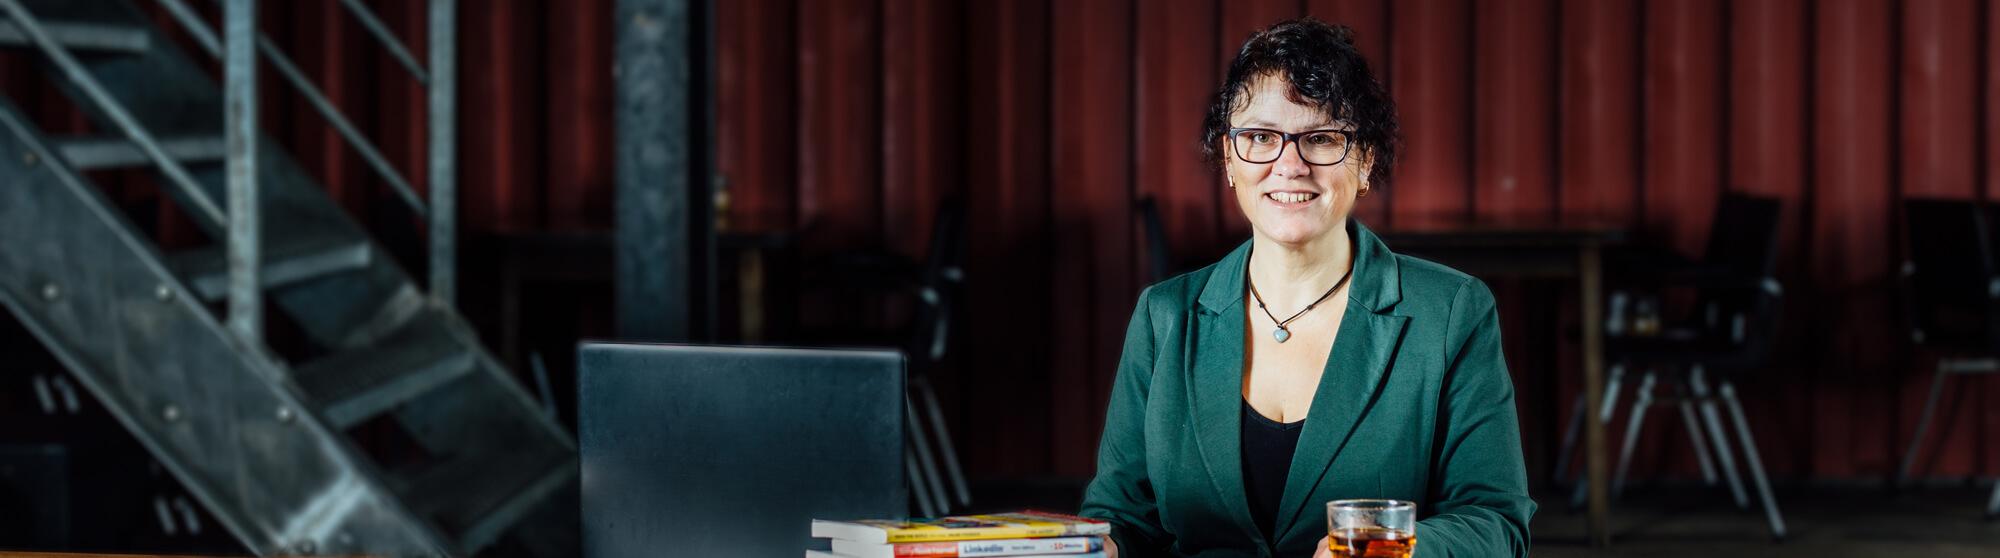 petra-fisher-linkedin-trainer-consultant-expert-linkedin-storyteller